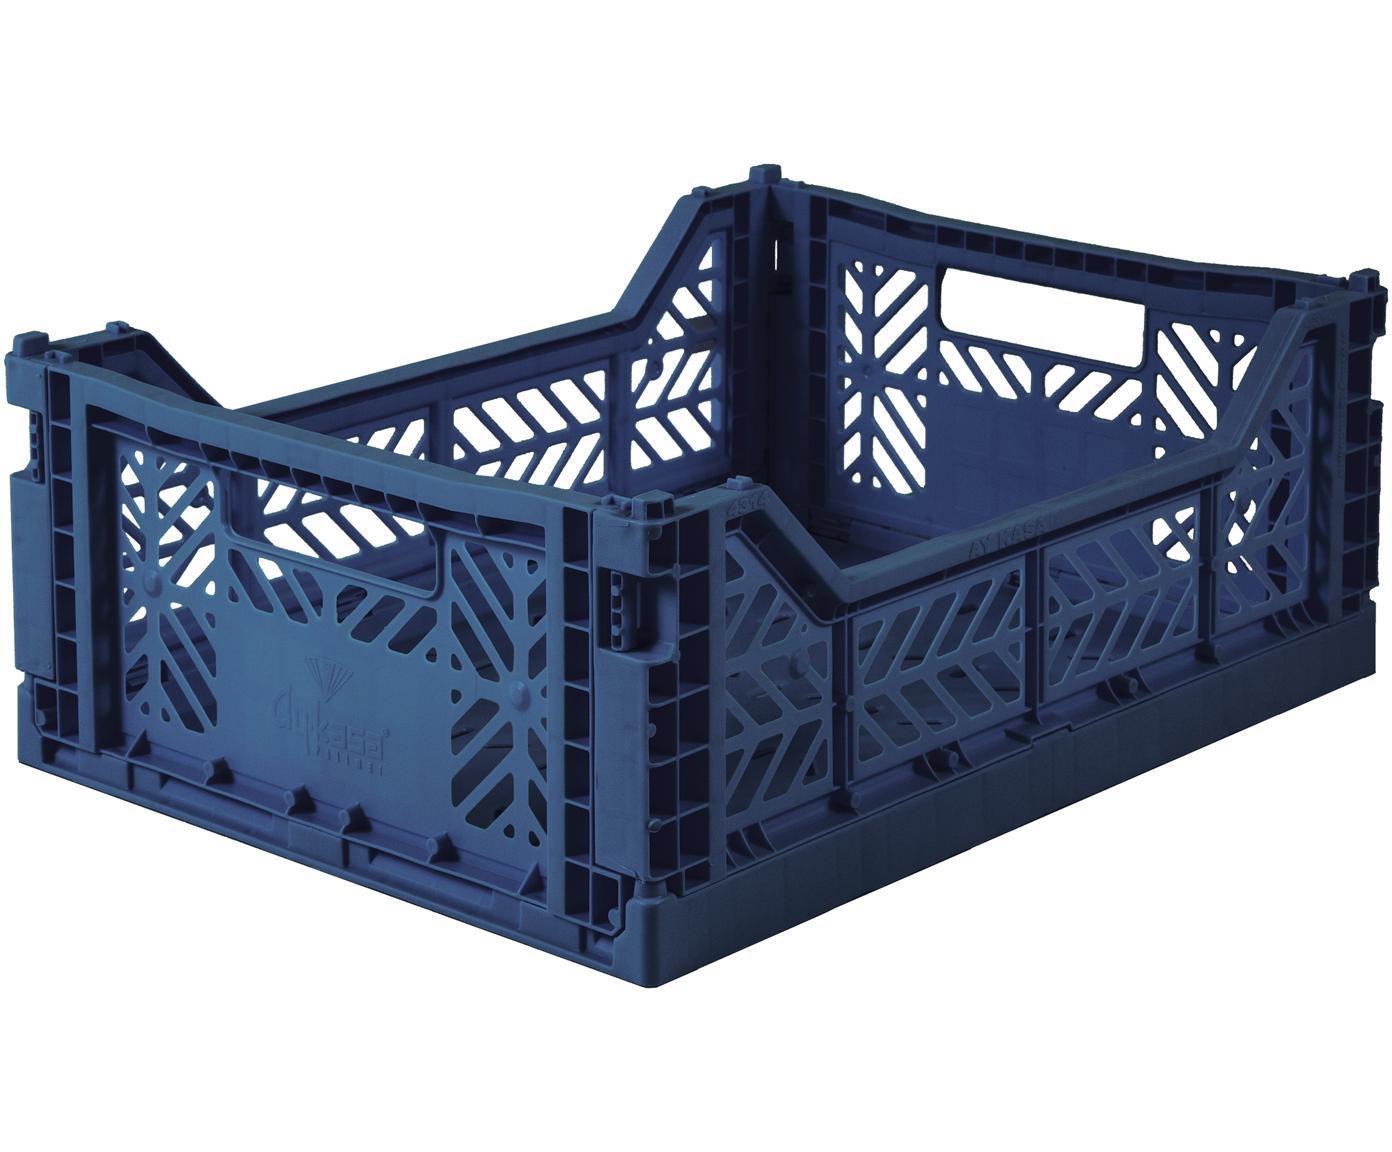 Średnie składane pudełko do przechowywania Navy, Tworzywo sztuczne z recyklingu, Granatowy, S 40 x W 14 cm